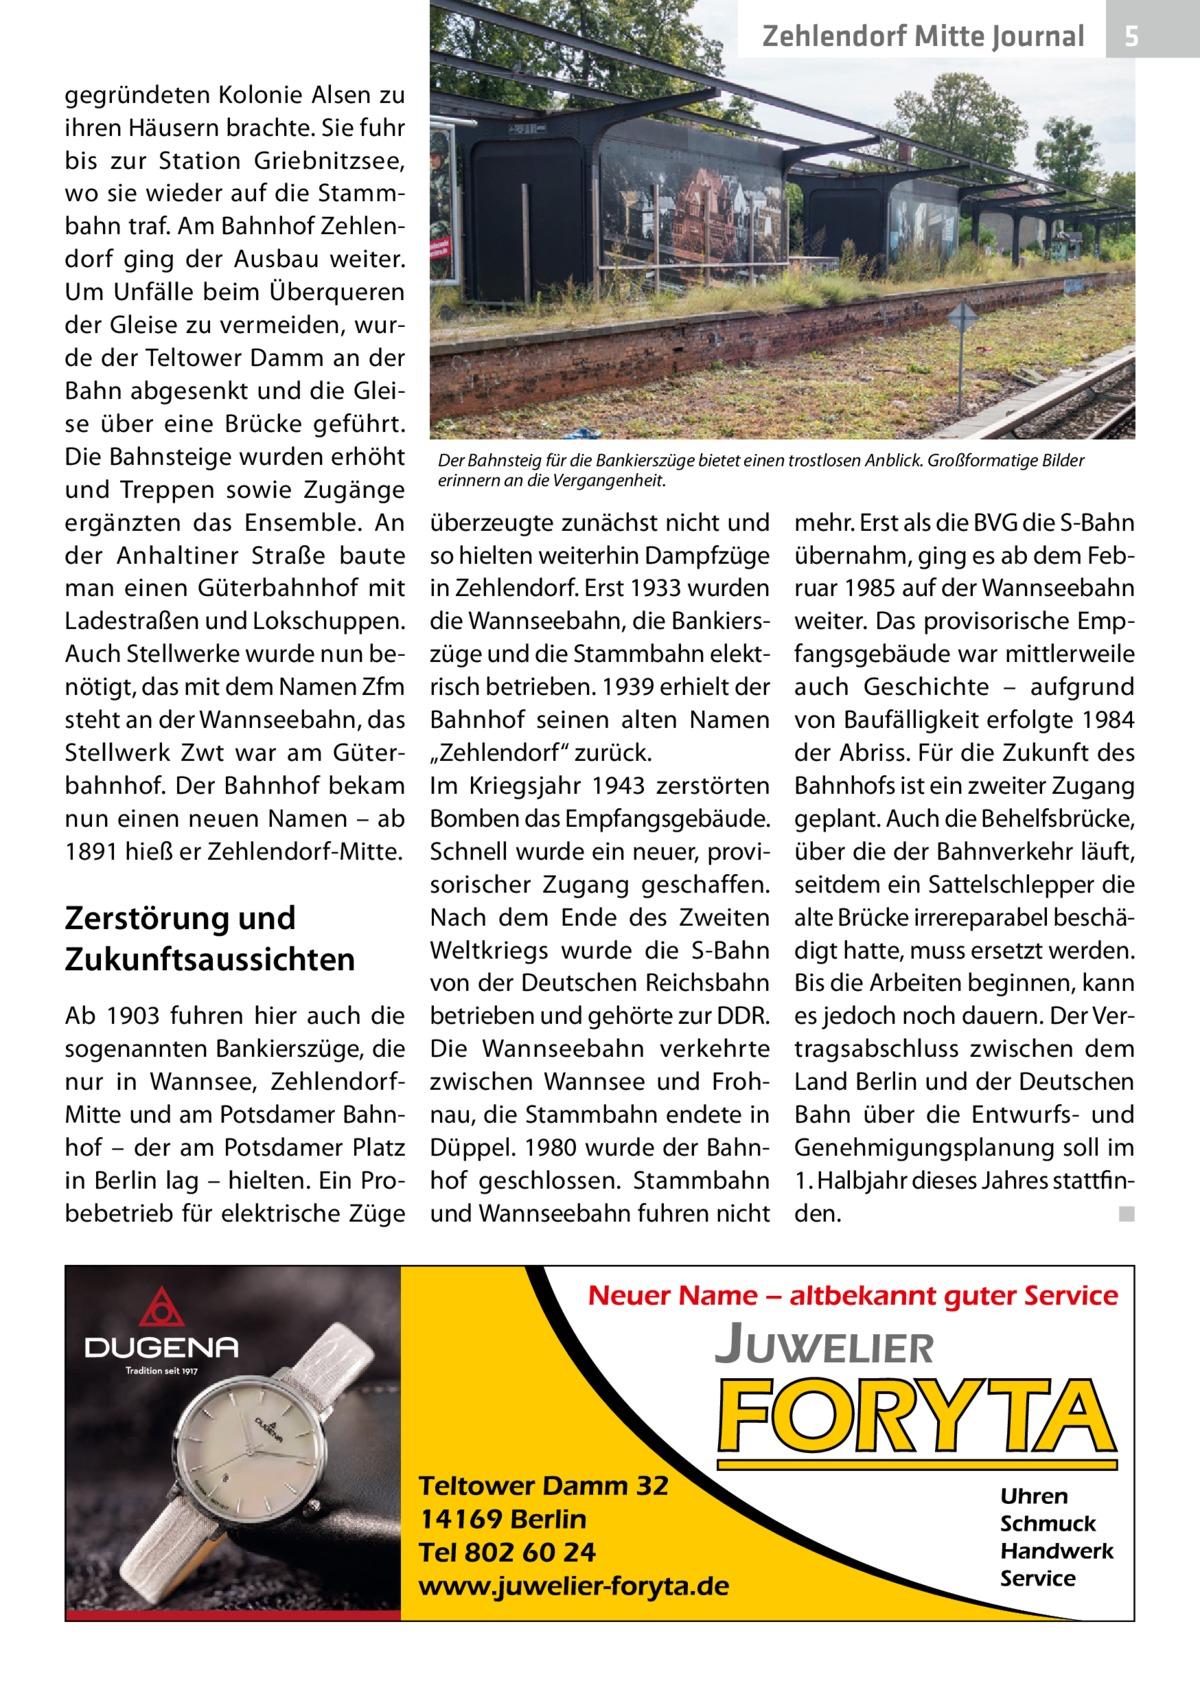 """Zehlendorf Mitte Journal gegründeten Kolonie Alsen zu ihren Häusern brachte. Sie fuhr bis zur Station Griebnitzsee, wo sie wieder auf die Stammbahn traf. Am Bahnhof Zehlendorf ging der Ausbau weiter. Um Unfälle beim Überqueren der Gleise zu vermeiden, wurde der Teltower Damm an der Bahn abgesenkt und die Gleise über eine Brücke geführt. Die Bahnsteige wurden erhöht und Treppen sowie Zugänge ergänzten das Ensemble. An der Anhaltiner Straße baute man einen Güterbahnhof mit Ladestraßen und Lokschuppen. Auch Stellwerke wurde nun benötigt, das mit dem Namen Zfm steht an der Wannseebahn, das Stellwerk Zwt war am Güterbahnhof. Der Bahnhof bekam nun einen neuen Namen – ab 1891 hieß er Zehlendorf-Mitte.  Zerstörung und Zukunftsaussichten Ab 1903 fuhren hier auch die sogenannten Bankierszüge, die nur in Wannsee, ZehlendorfMitte und am Potsdamer Bahnhof – der am Potsdamer Platz in Berlin lag – hielten. Ein Probebetrieb für elektrische Züge  5  Der Bahnsteig für die Bankierszüge bietet einen trostlosen Anblick. Großformatige Bilder erinnern an die Vergangenheit.  überzeugte zunächst nicht und so hielten weiterhin Dampfzüge in Zehlendorf. Erst 1933 wurden die Wannseebahn, die Bankierszüge und die Stammbahn elektrisch betrieben. 1939 erhielt der Bahnhof seinen alten Namen """"Zehlendorf"""" zurück. Im Kriegsjahr 1943 zerstörten Bomben das Empfangsgebäude. Schnell wurde ein neuer, provisorischer Zugang geschaffen. Nach dem Ende des Zweiten Weltkriegs wurde die S-Bahn von der Deutschen Reichsbahn betrieben und gehörte zur DDR. Die Wannseebahn verkehrte zwischen Wannsee und Frohnau, die Stammbahn endete in Düppel. 1980 wurde der Bahnhof geschlossen. Stammbahn und Wannseebahn fuhren nicht  mehr. Erst als die BVG die S-Bahn übernahm, ging es ab dem Februar 1985 auf der Wannseebahn weiter. Das provisorische Empfangsgebäude war mittlerweile auch Geschichte – aufgrund von Baufälligkeit erfolgte 1984 der Abriss. Für die Zukunft des Bahnhofs ist ein zweiter Zugang geplant. Auch die Behelfsbrücke"""